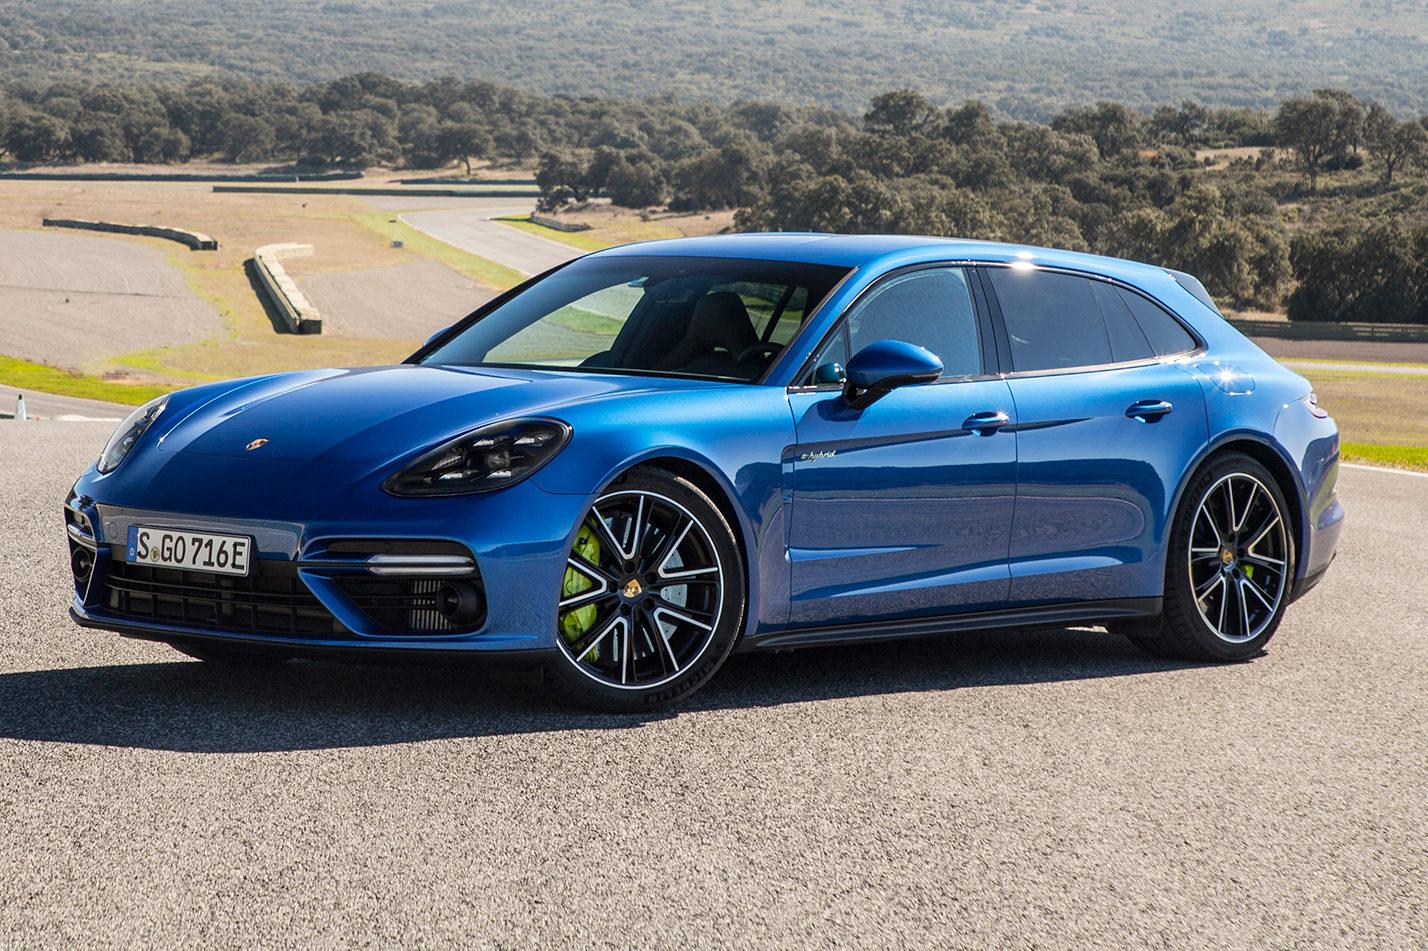 2018-Porsche-Panamera-Turbo-S-E-Hybrid-Sport-Turismo-front-side-02-e1512580703256